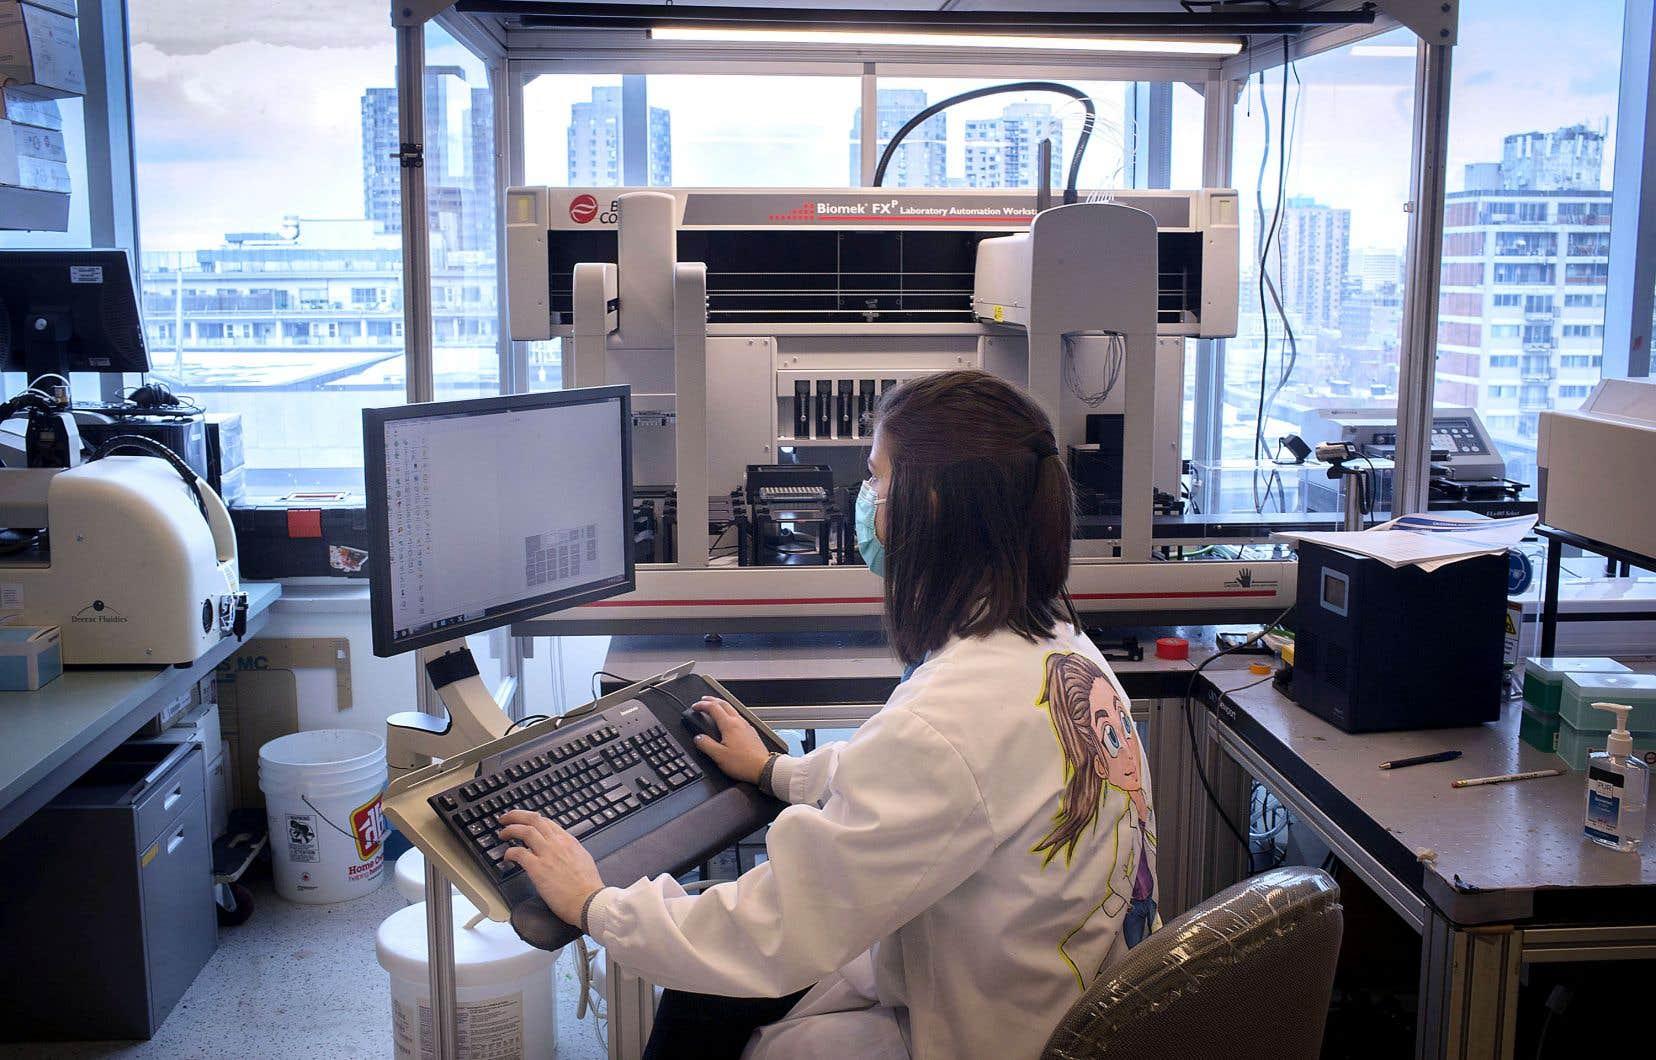 Environ sept mois après son lancement, la biobanque québécoise de la COVID-19 contient les échantillons d'environ 1500 participants. Ils sont stockés dans neuf hôpitaux de la province ainsi qu'au Centre du génome de l'Université McGill, à Montréal (sur la photo).